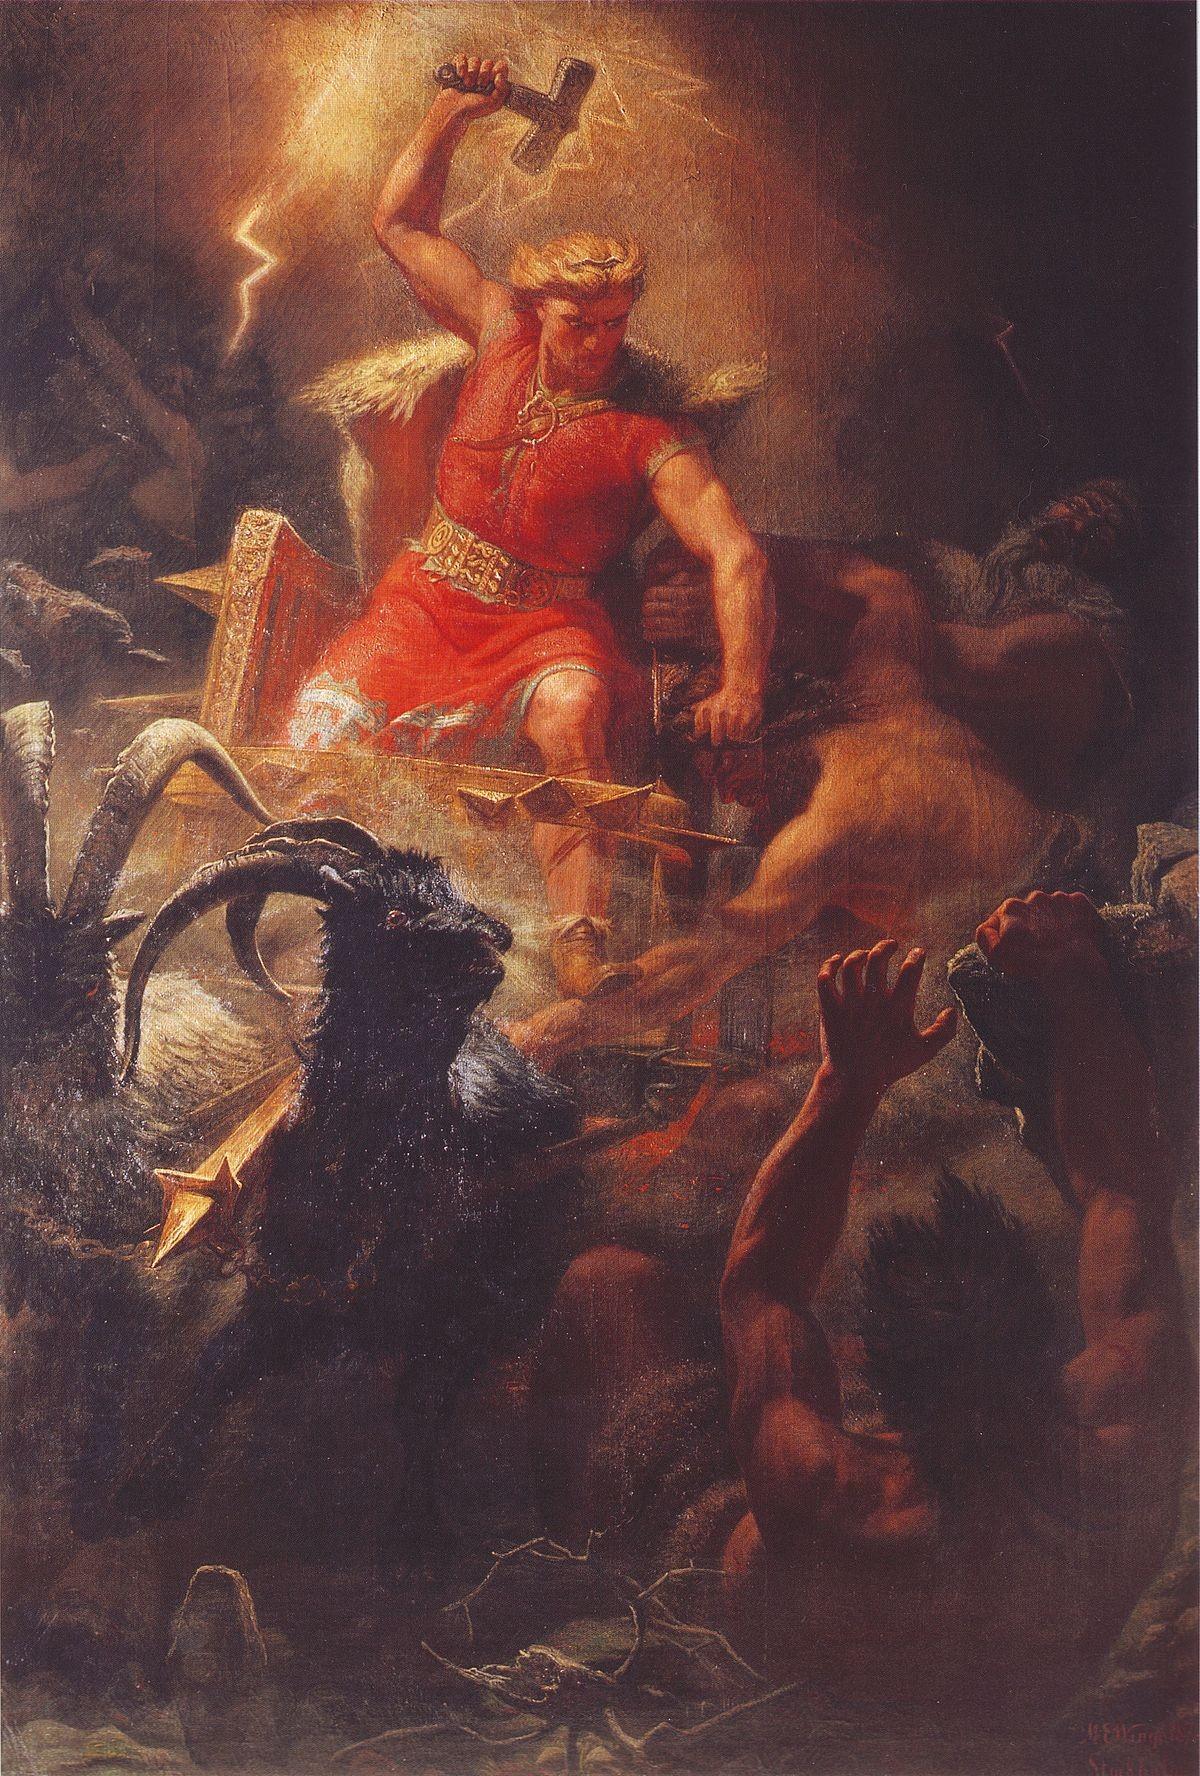 Uma batalha liderada por Thor (Foto: Reprodução)